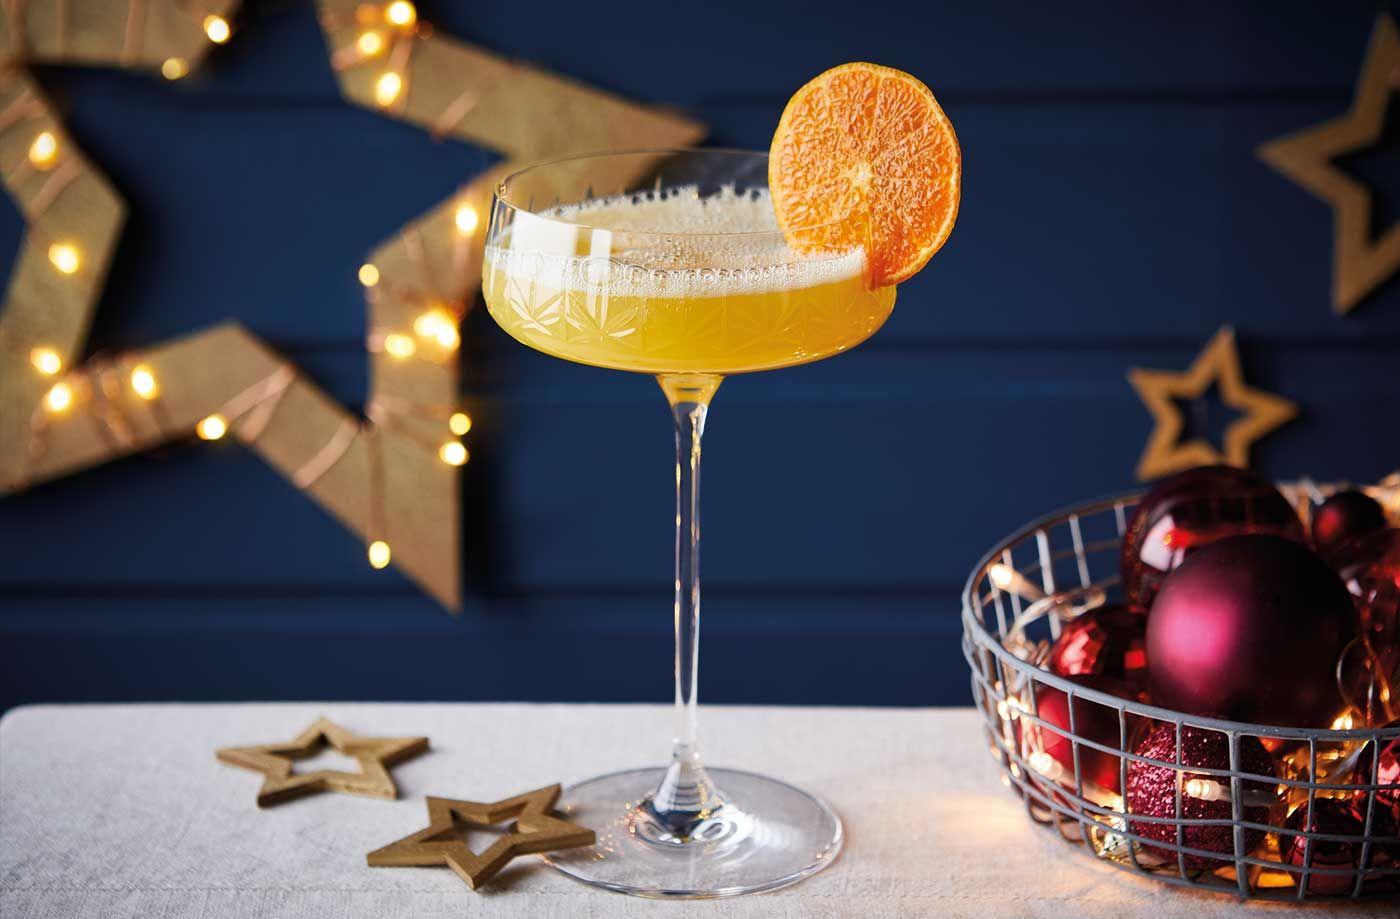 11 святкових алкогольних та безалкогольних напоїв своїми руками